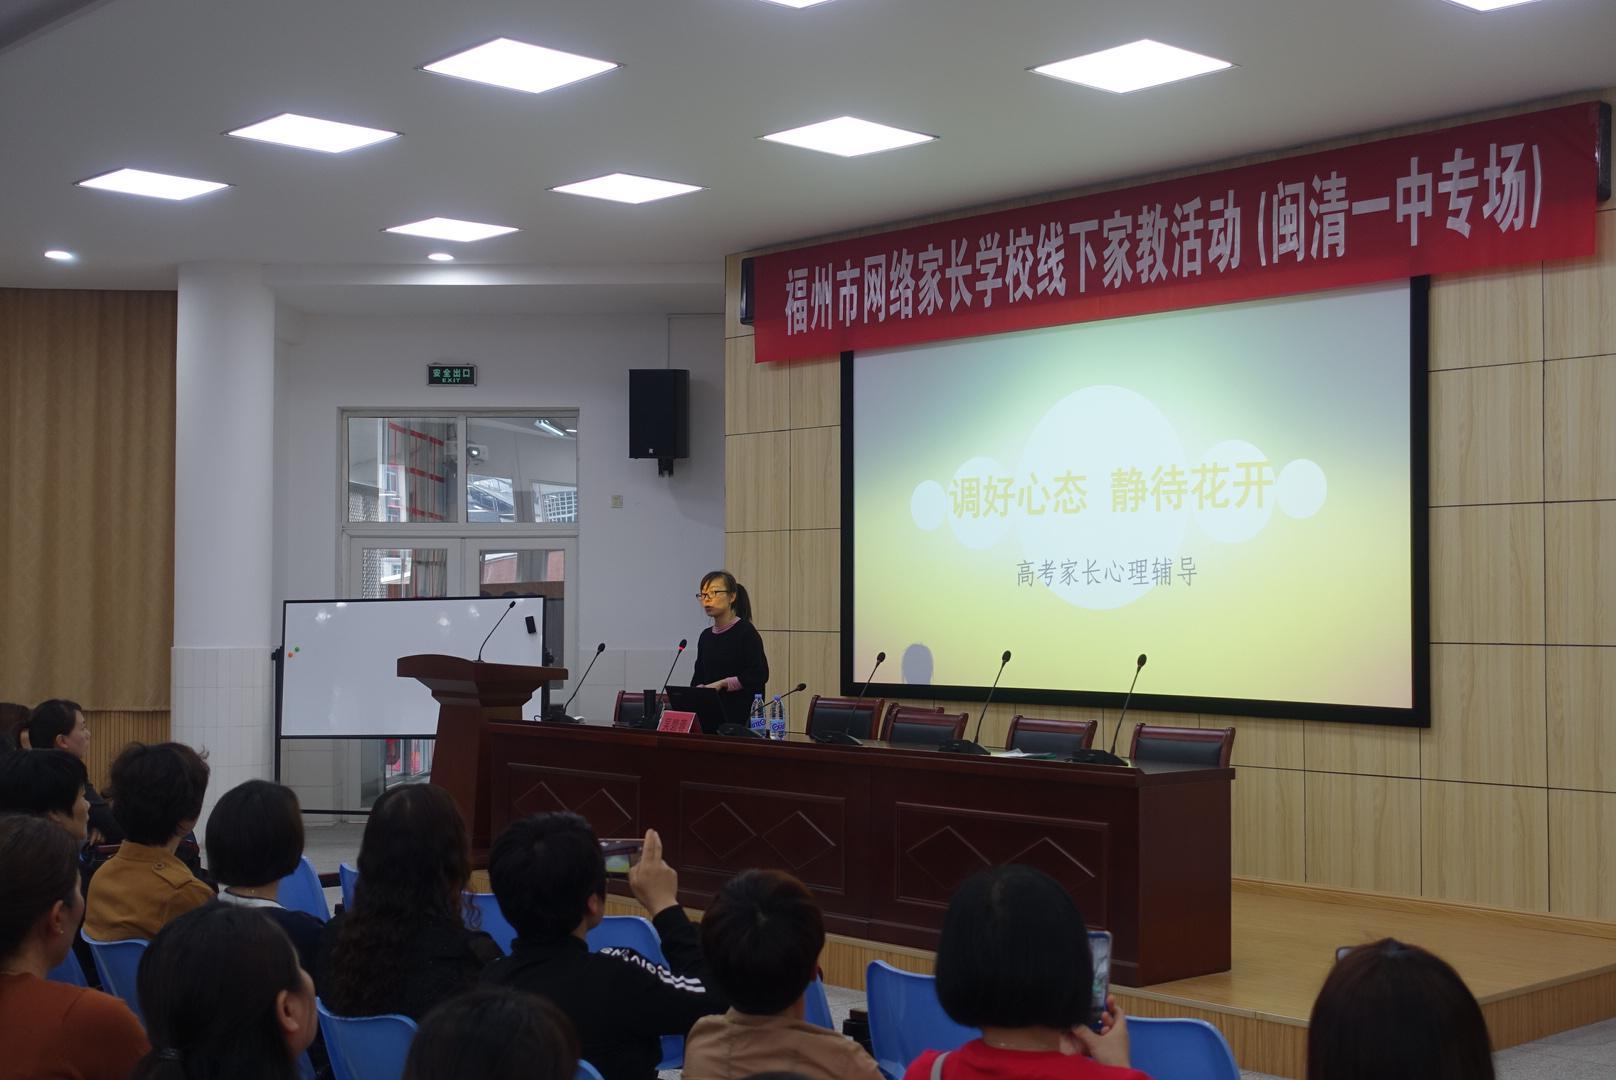 福州市、闽清县关工委联合开展青少年心理健康教育活动